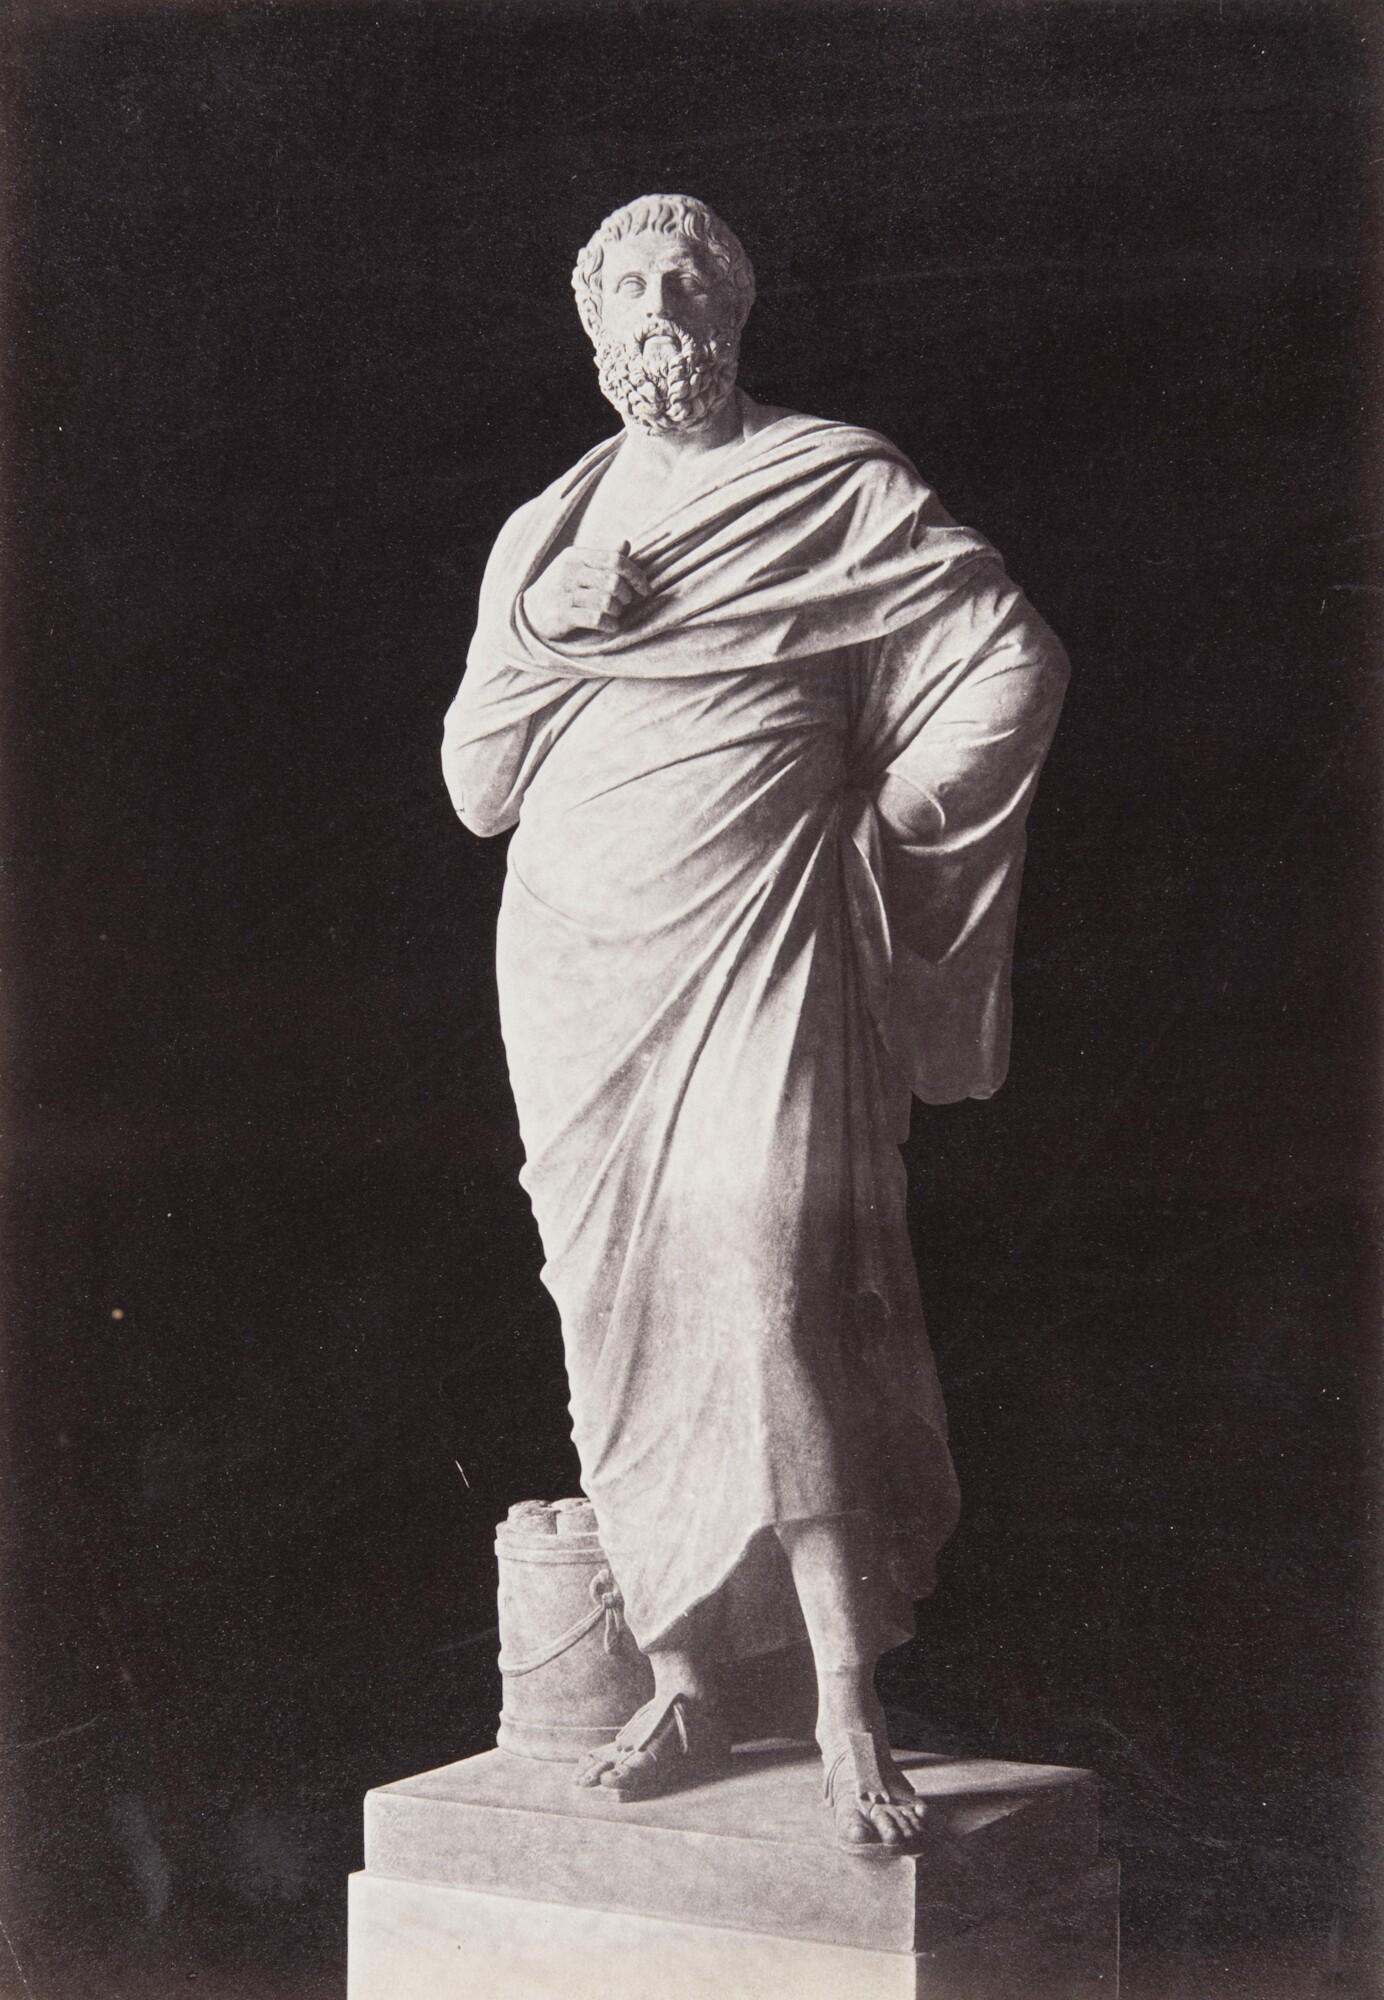 Роберт Тернбулл Макферсон.    Софокл. Палаццо дель Латерано,1860‑е   Альбуминовый отпечаток